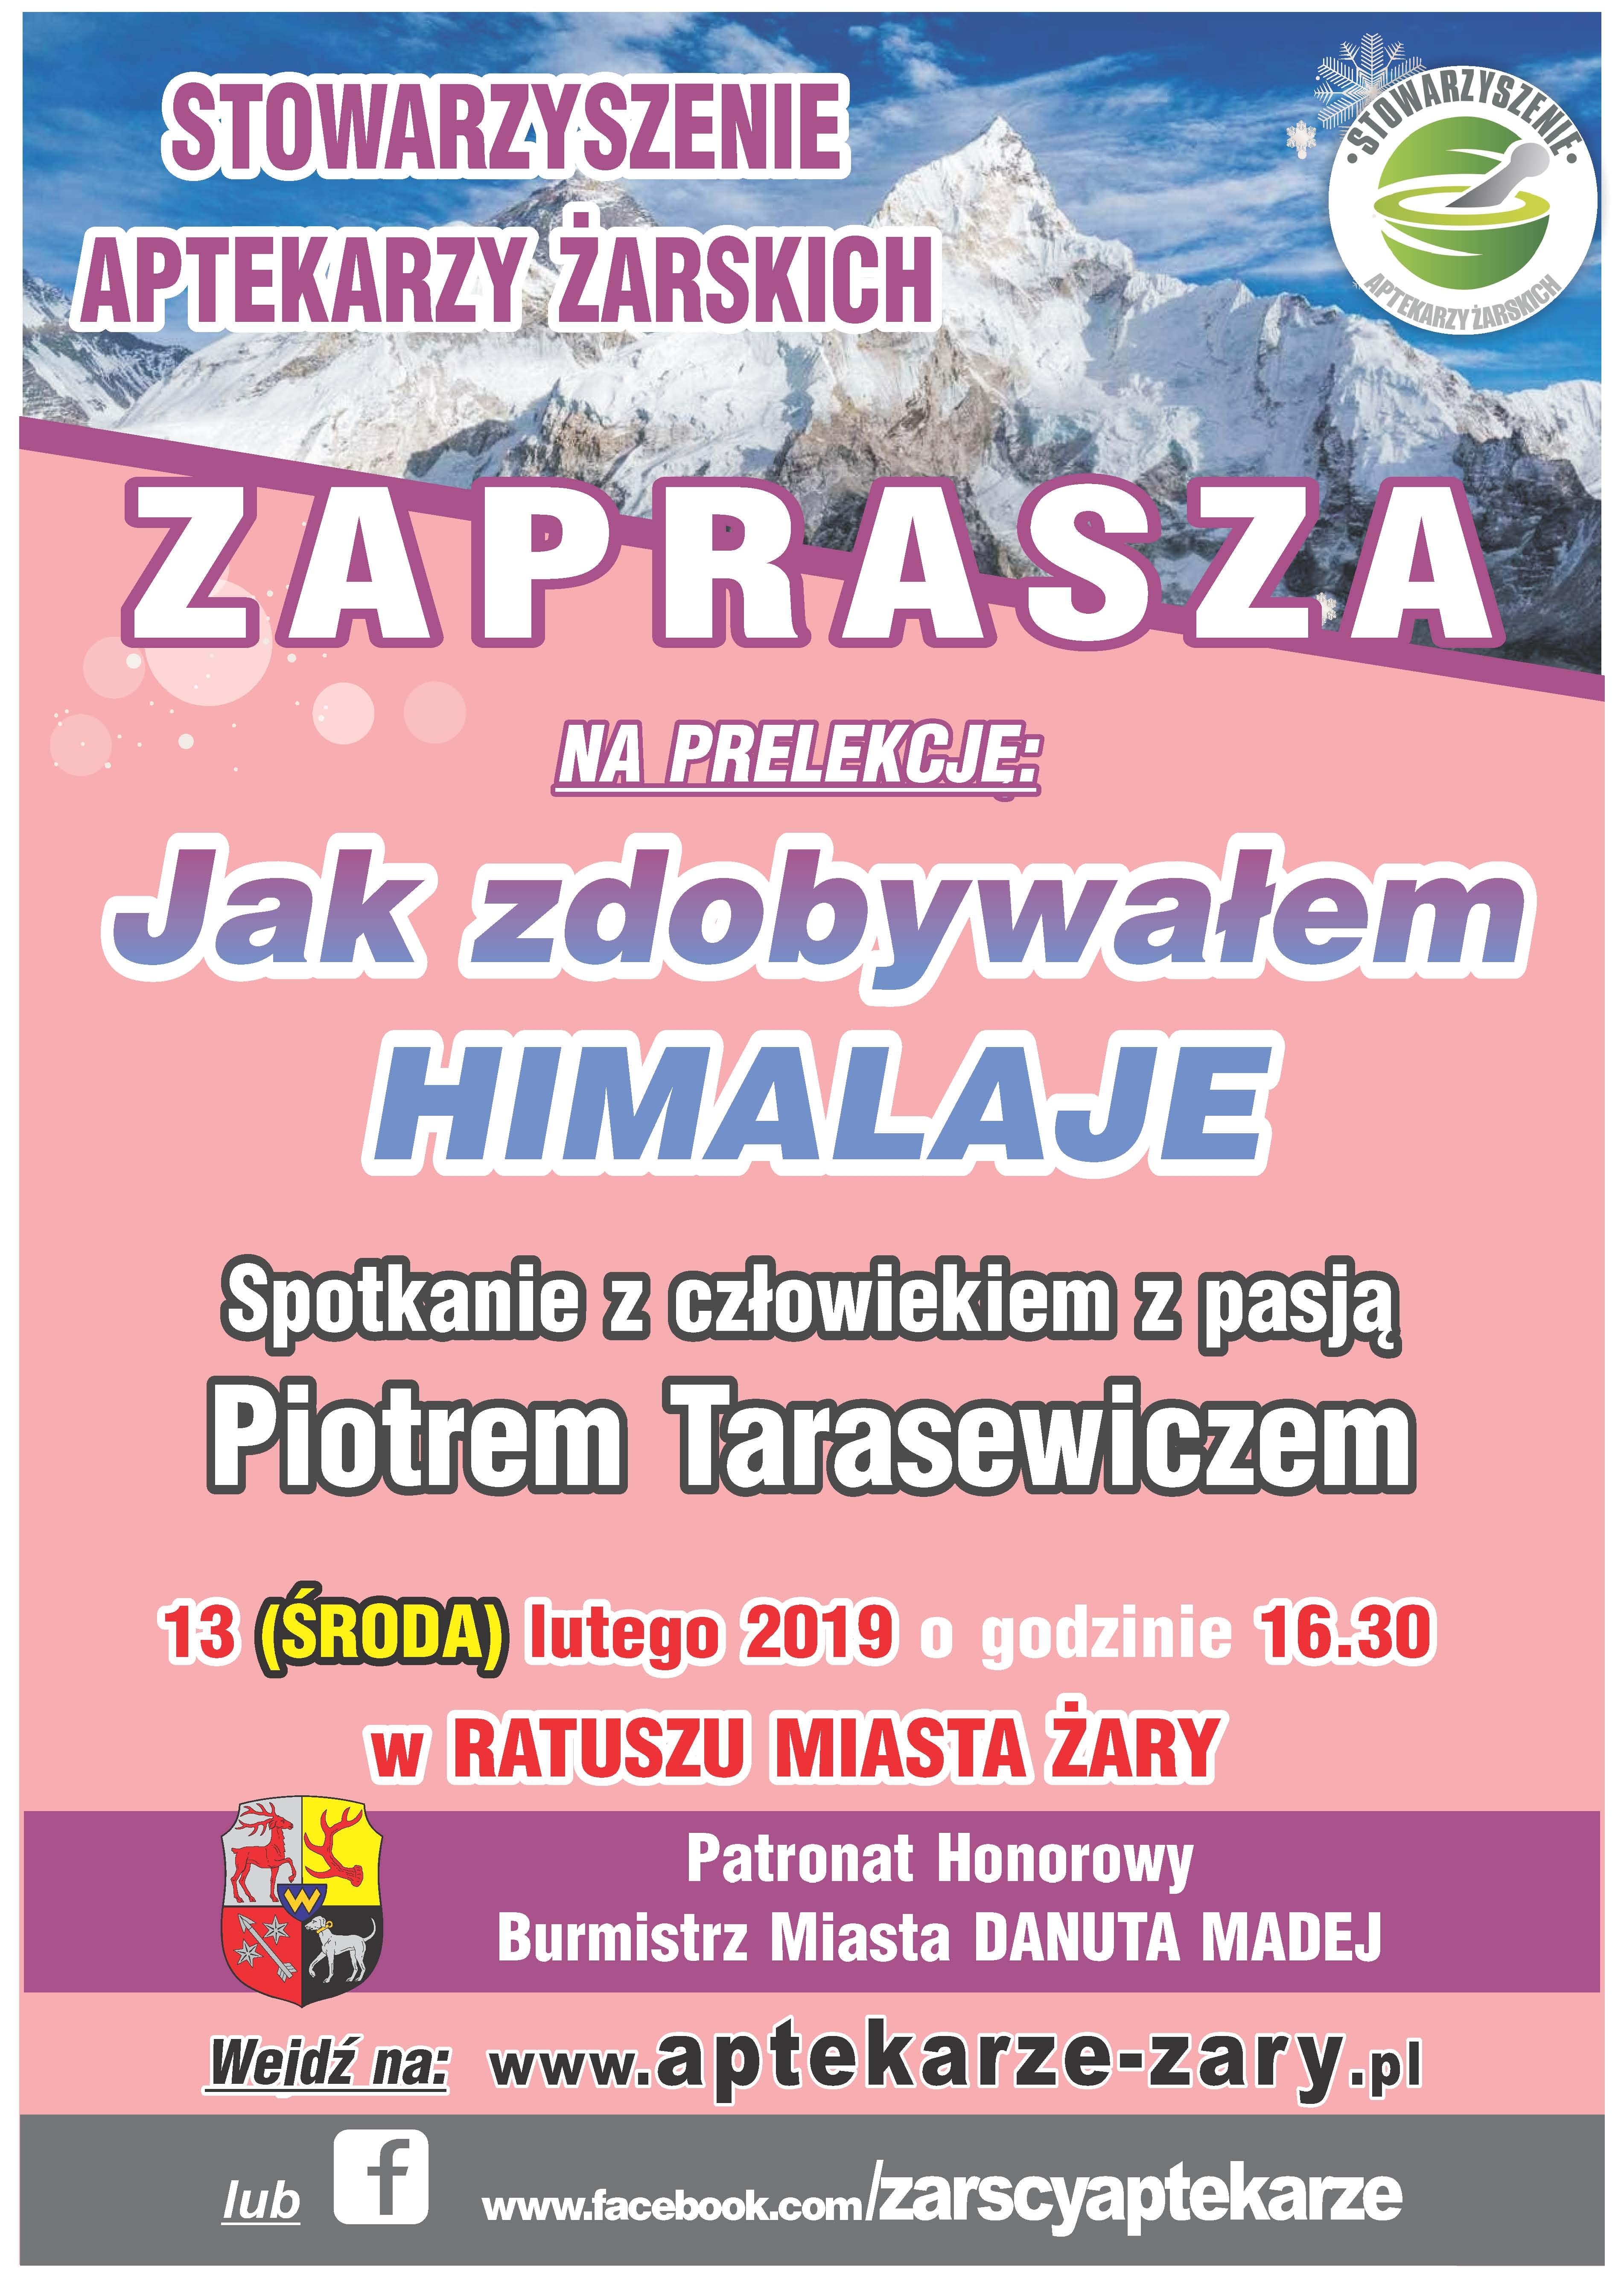 Ilustracja do informacji: Stowarzyszenie Aptekarzy Żarskich zaprasza na prelekcję